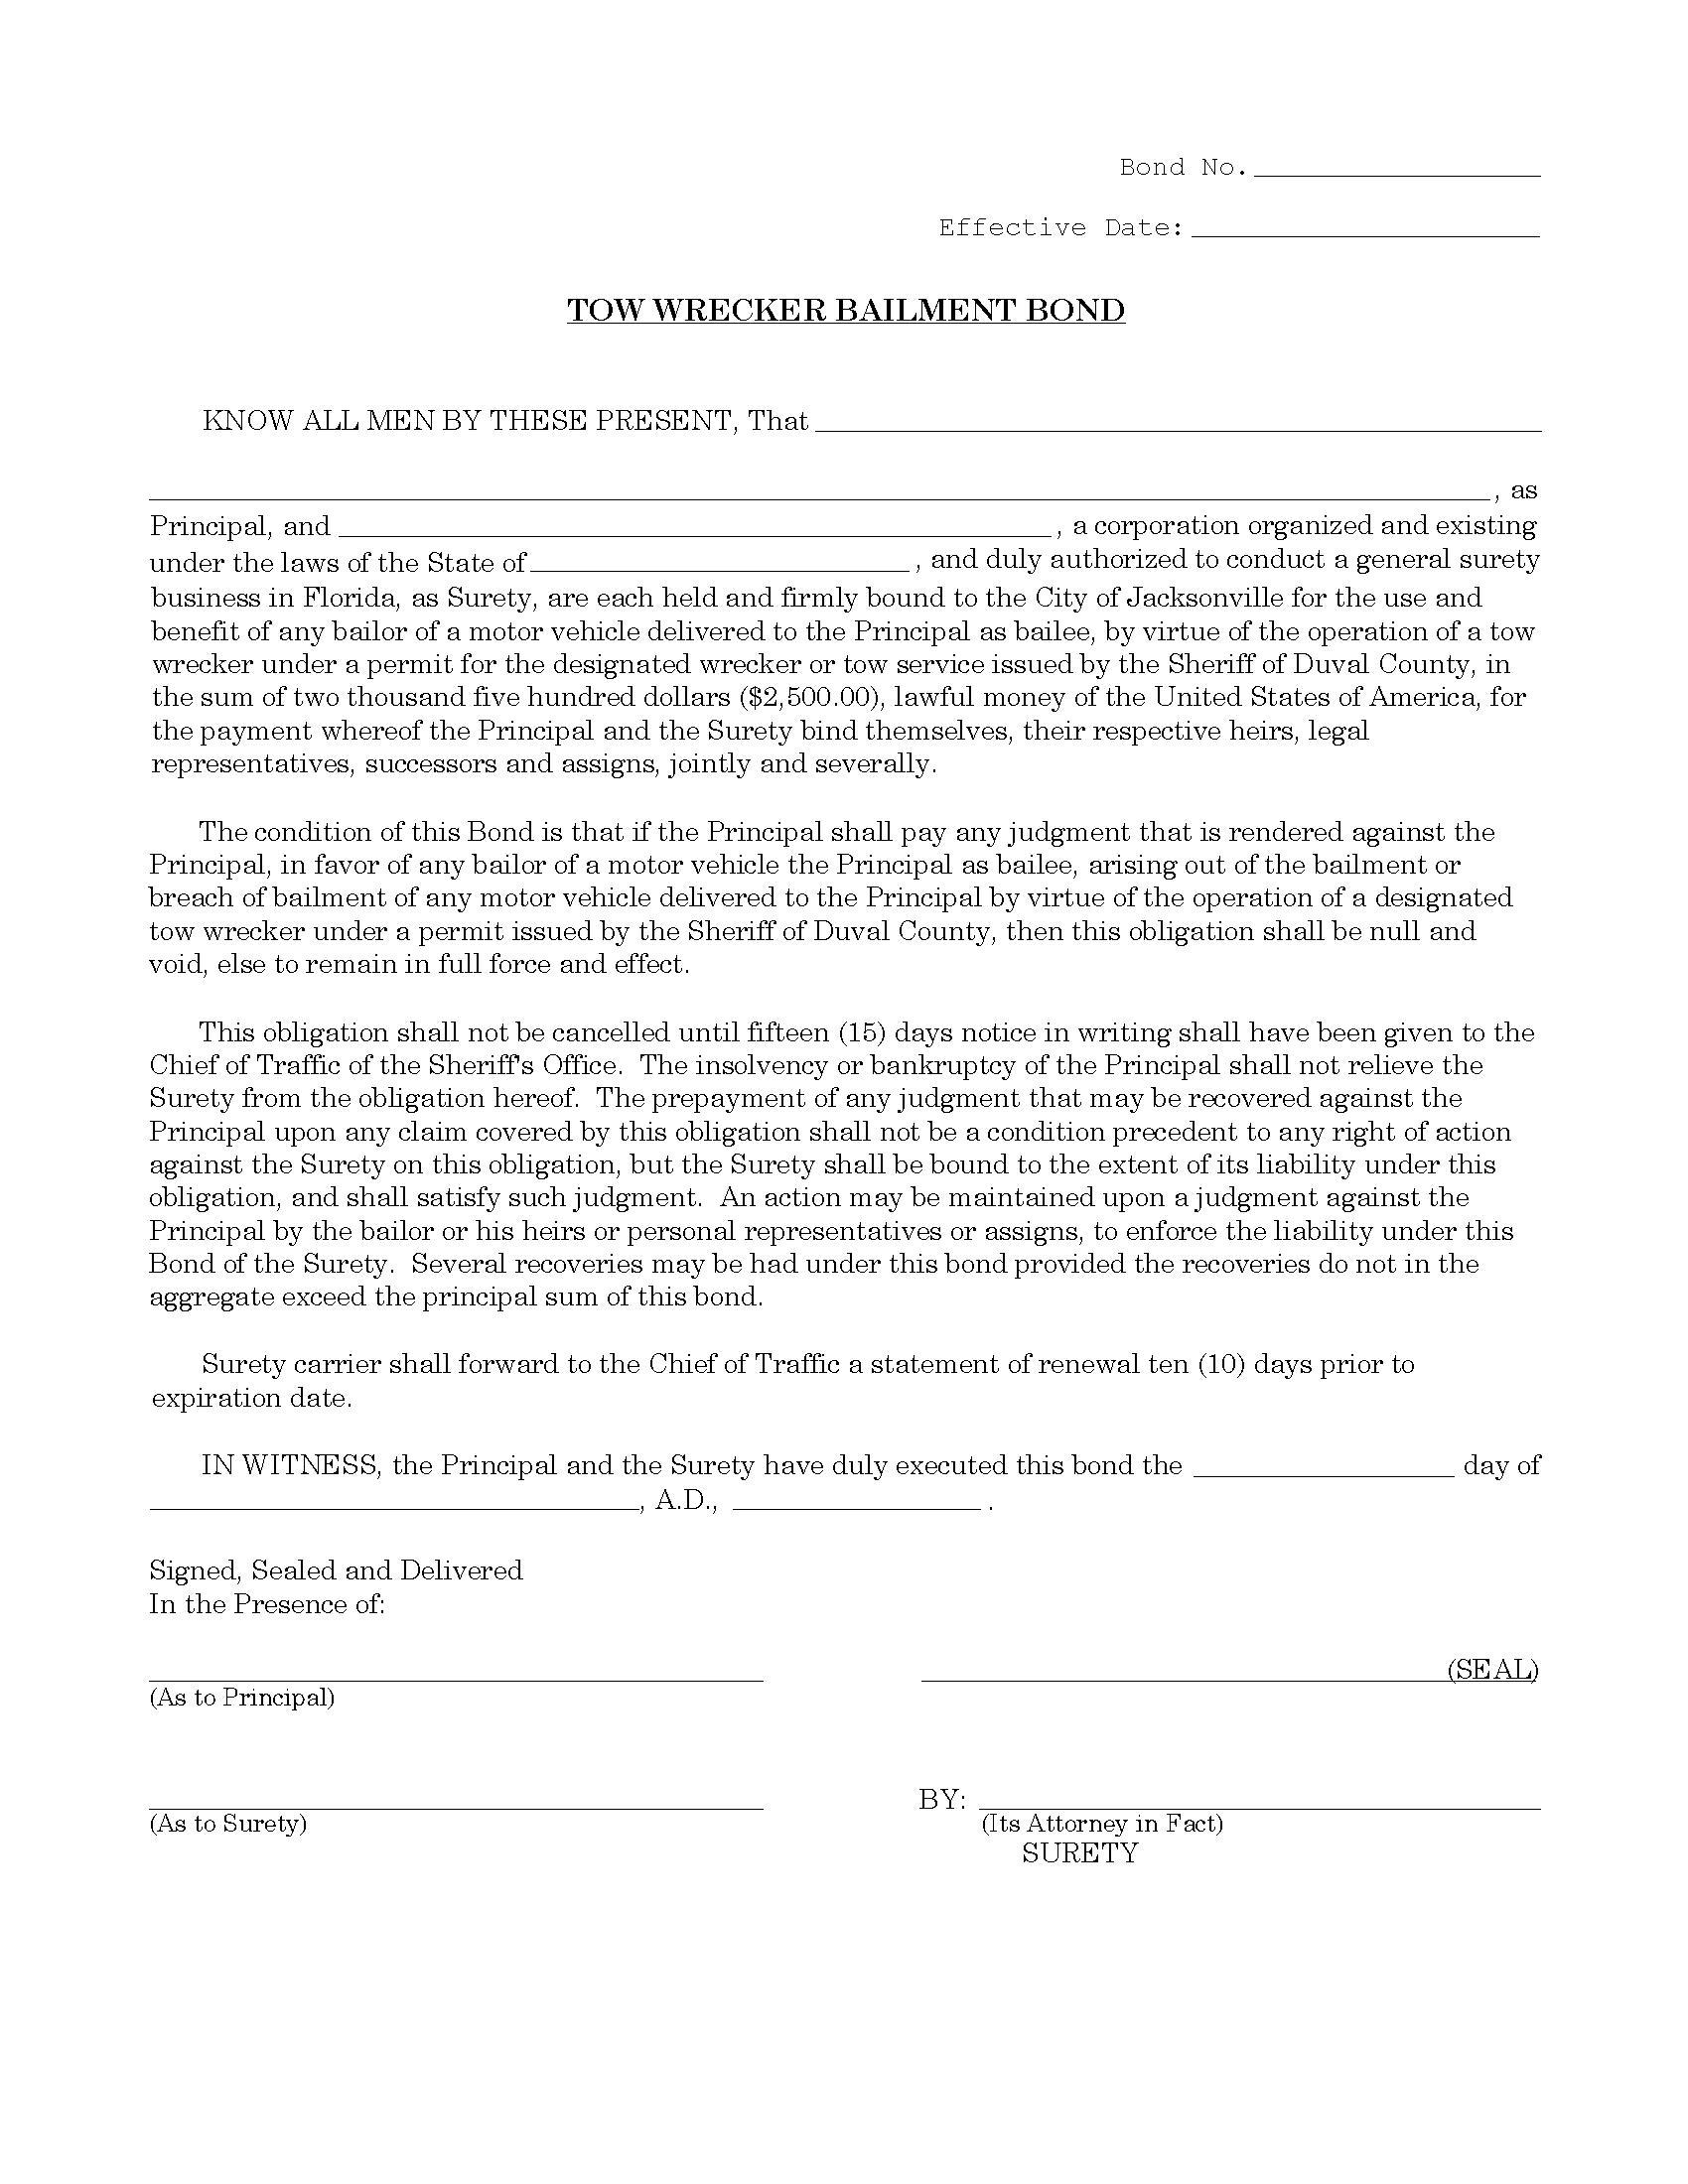 City of Jacksonville Tow Wrecker Bailment Bond sample image